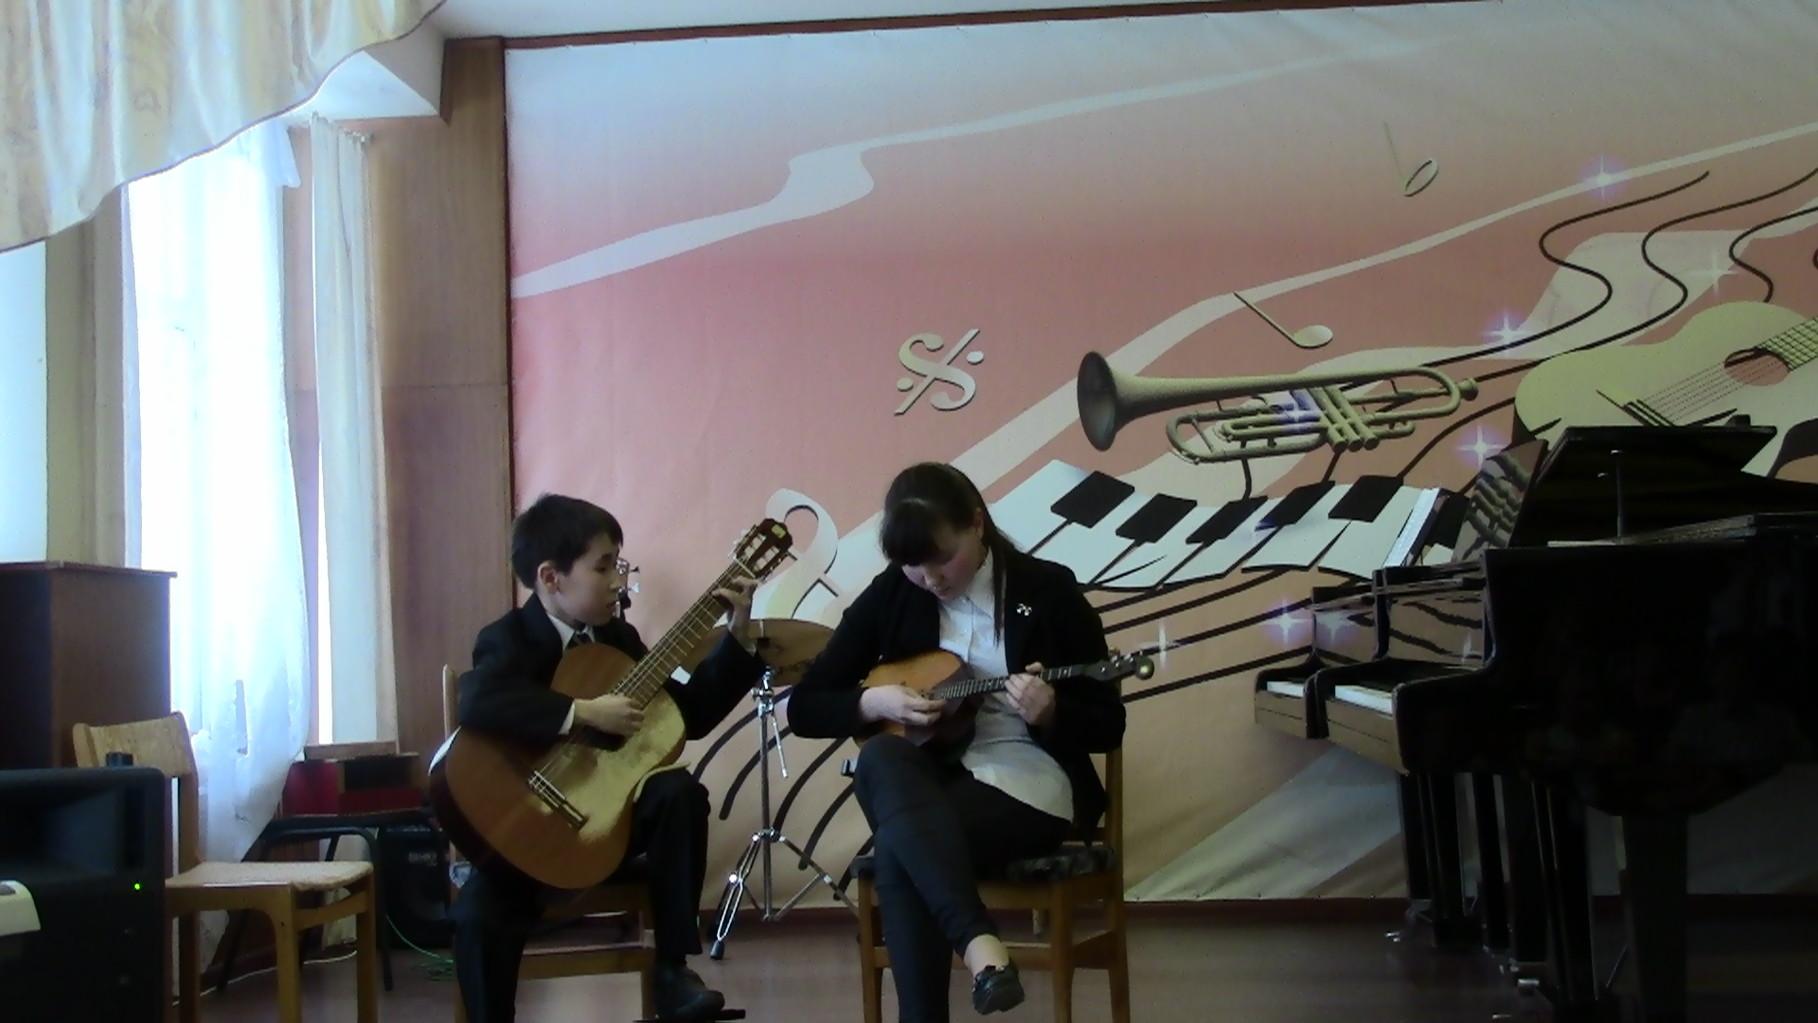 Инструментальный дуэт: Хакимова М. и Хакимов М., руководители Цикарева В.Т. и Шипулин Д.В.